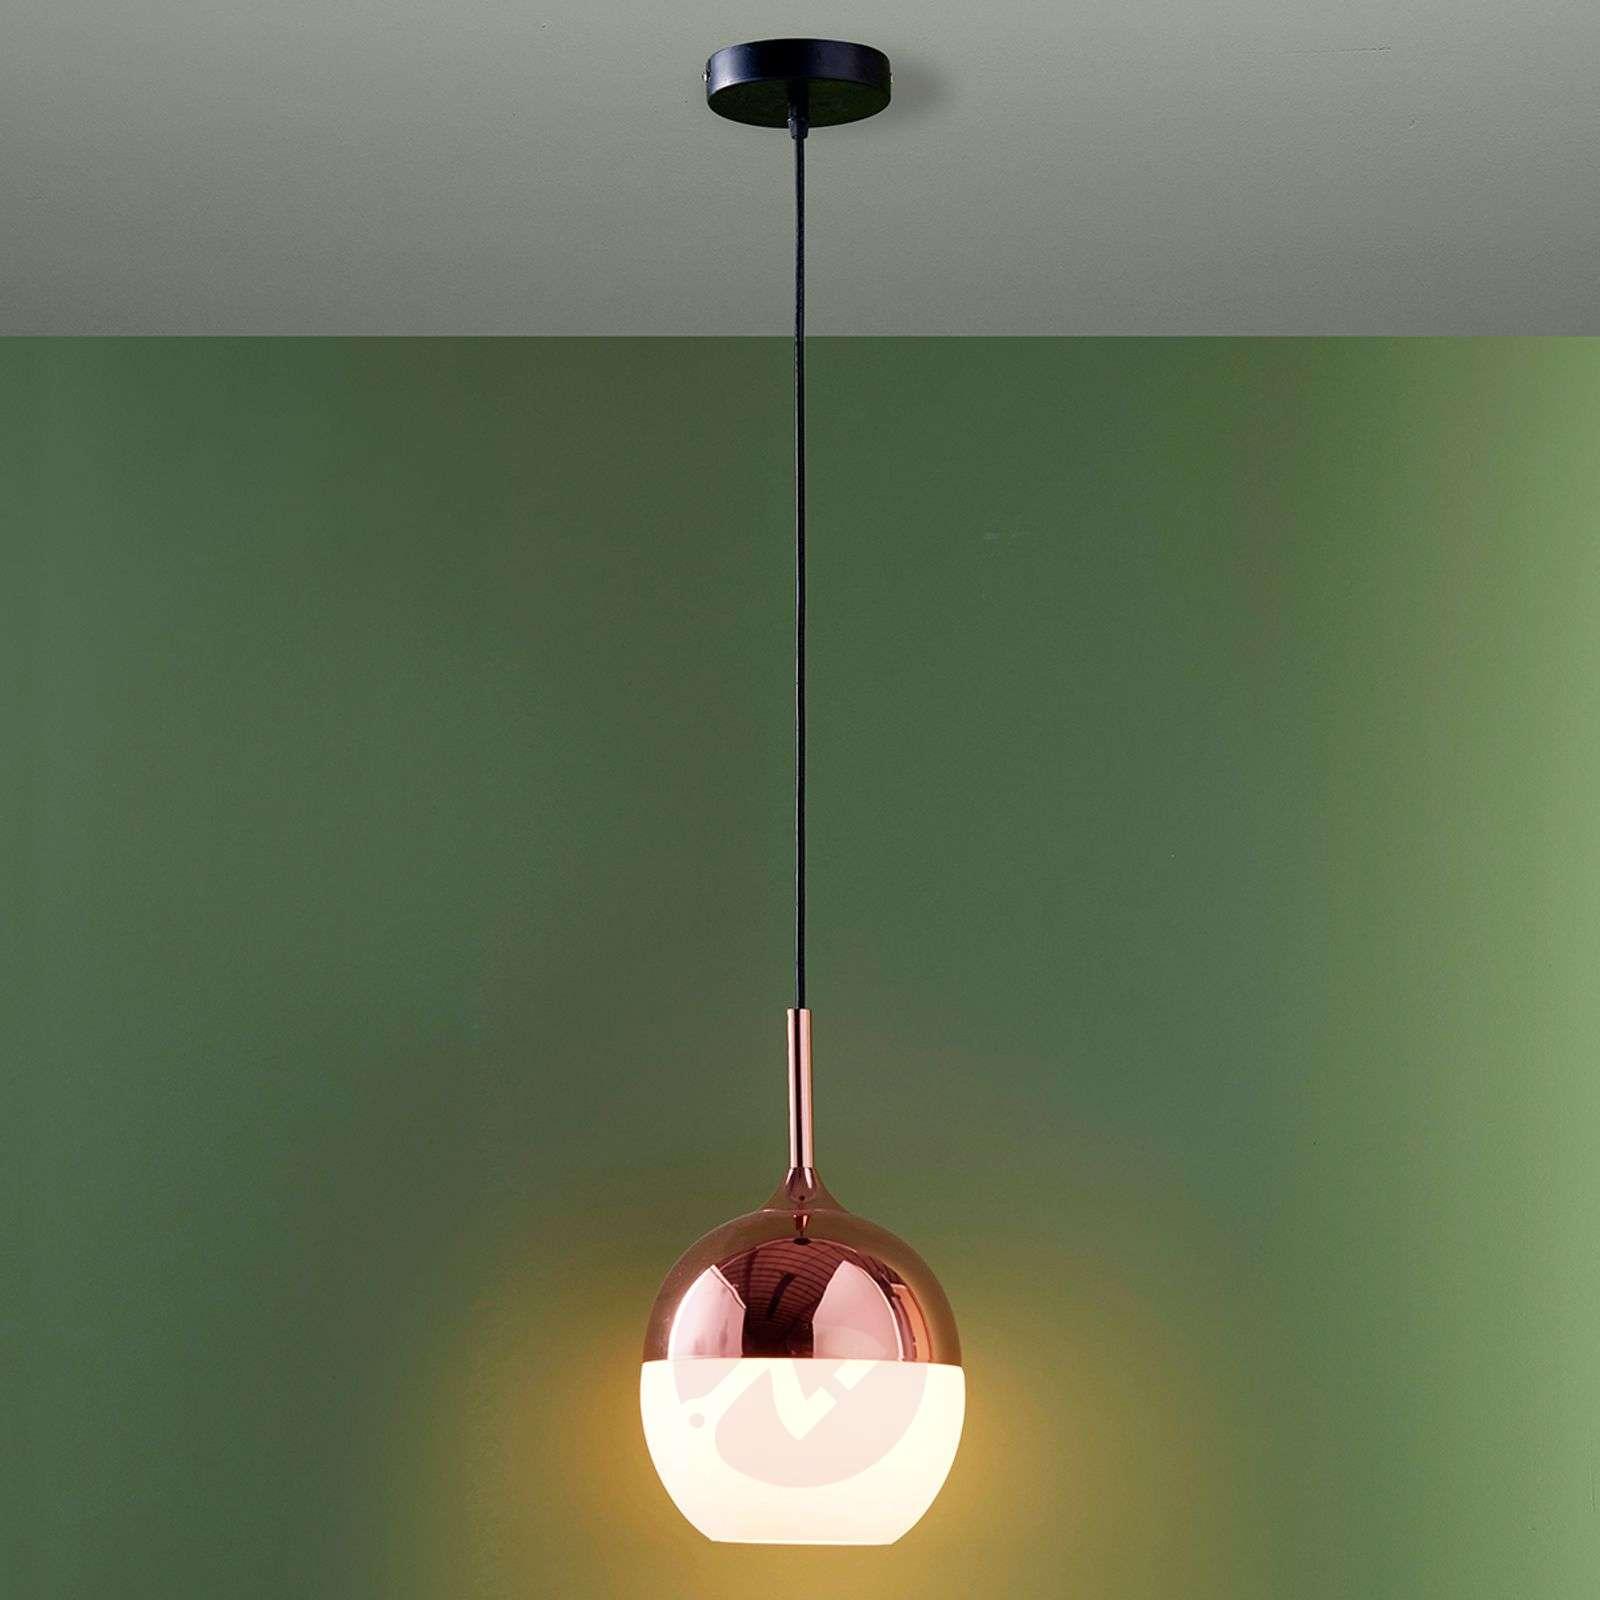 Copper-coloured Deda pendant lamp-9620990-03